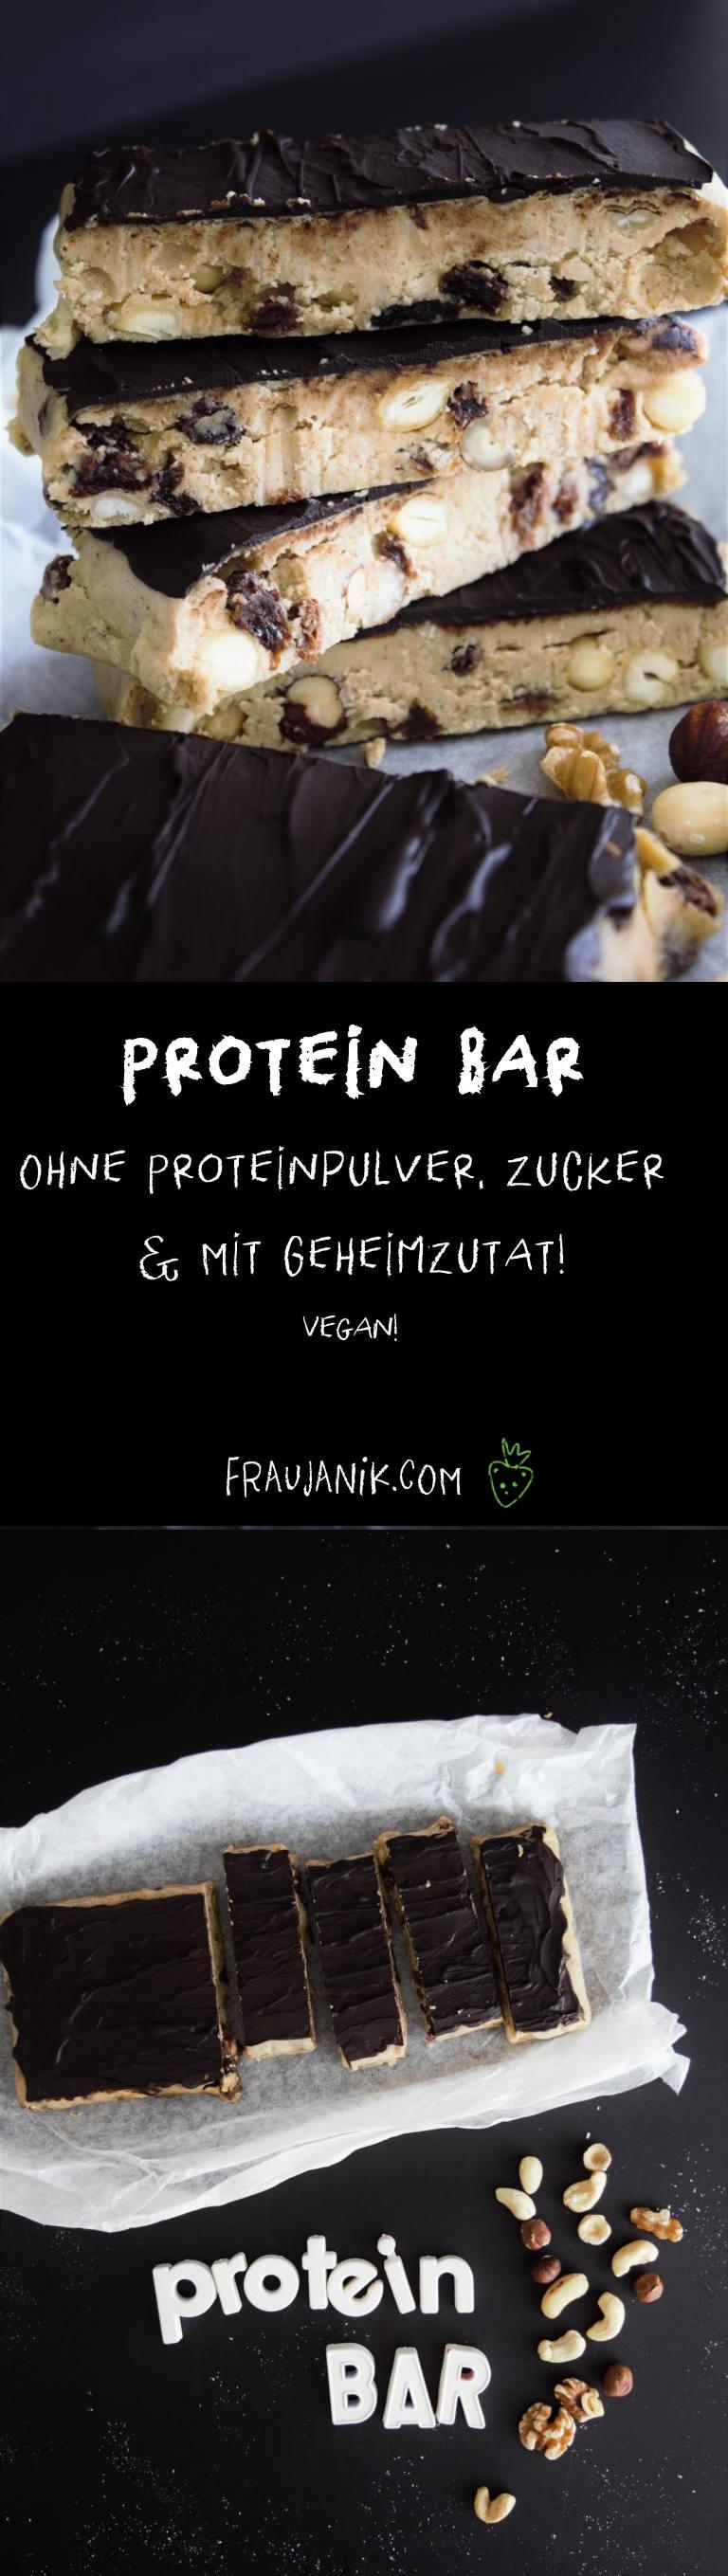 Proteinbar, Proteinriegel selber machen, kichererbsen, vegan, ohne proteinpulver